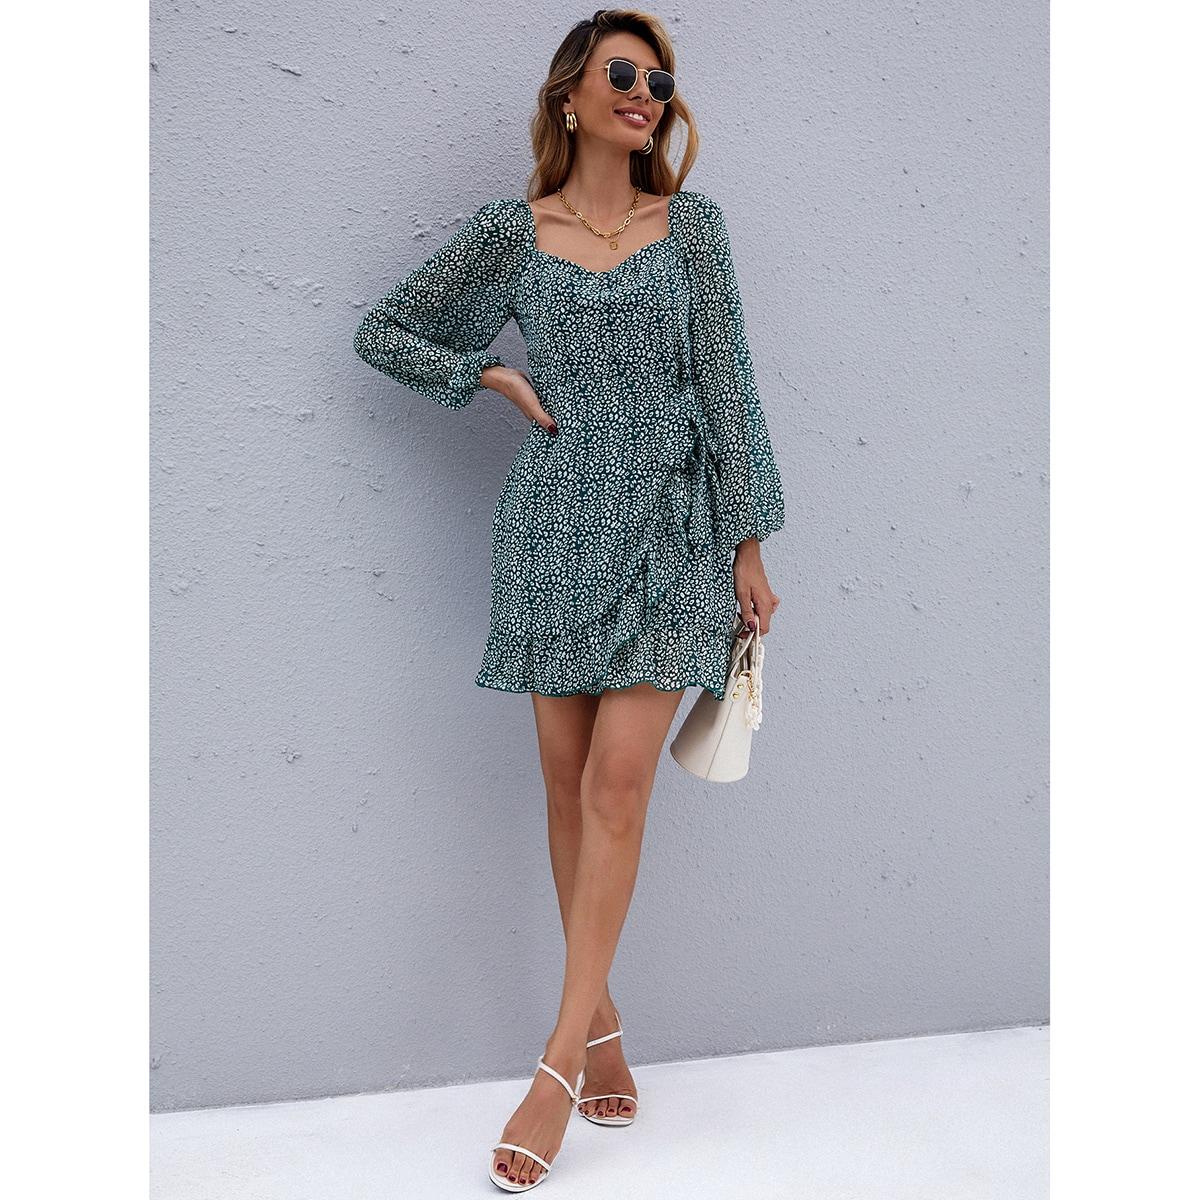 Платье с принтом и глубоким декольте SheIn sW210611253411266